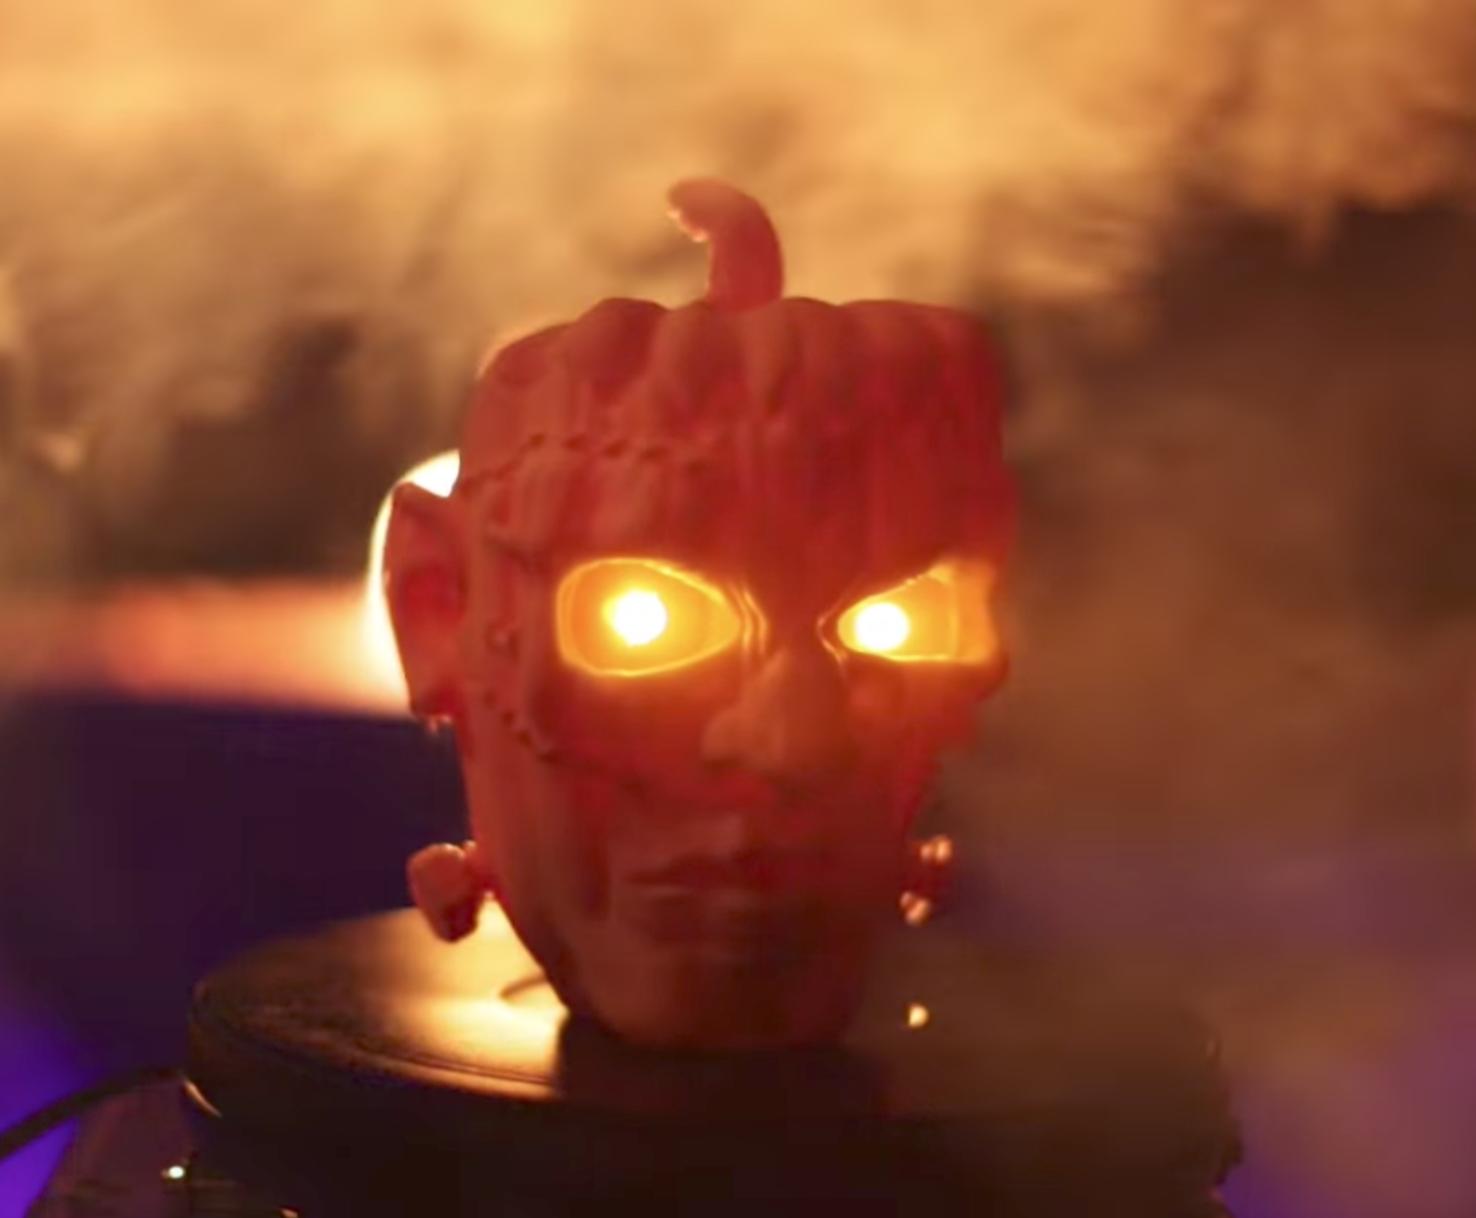 Capture d'écran 2017-11-02 à 16.31.17.png Download free STL file Pumpkinstein's Monster Hallowed for LED Eyes • 3D printing design, Adafruit